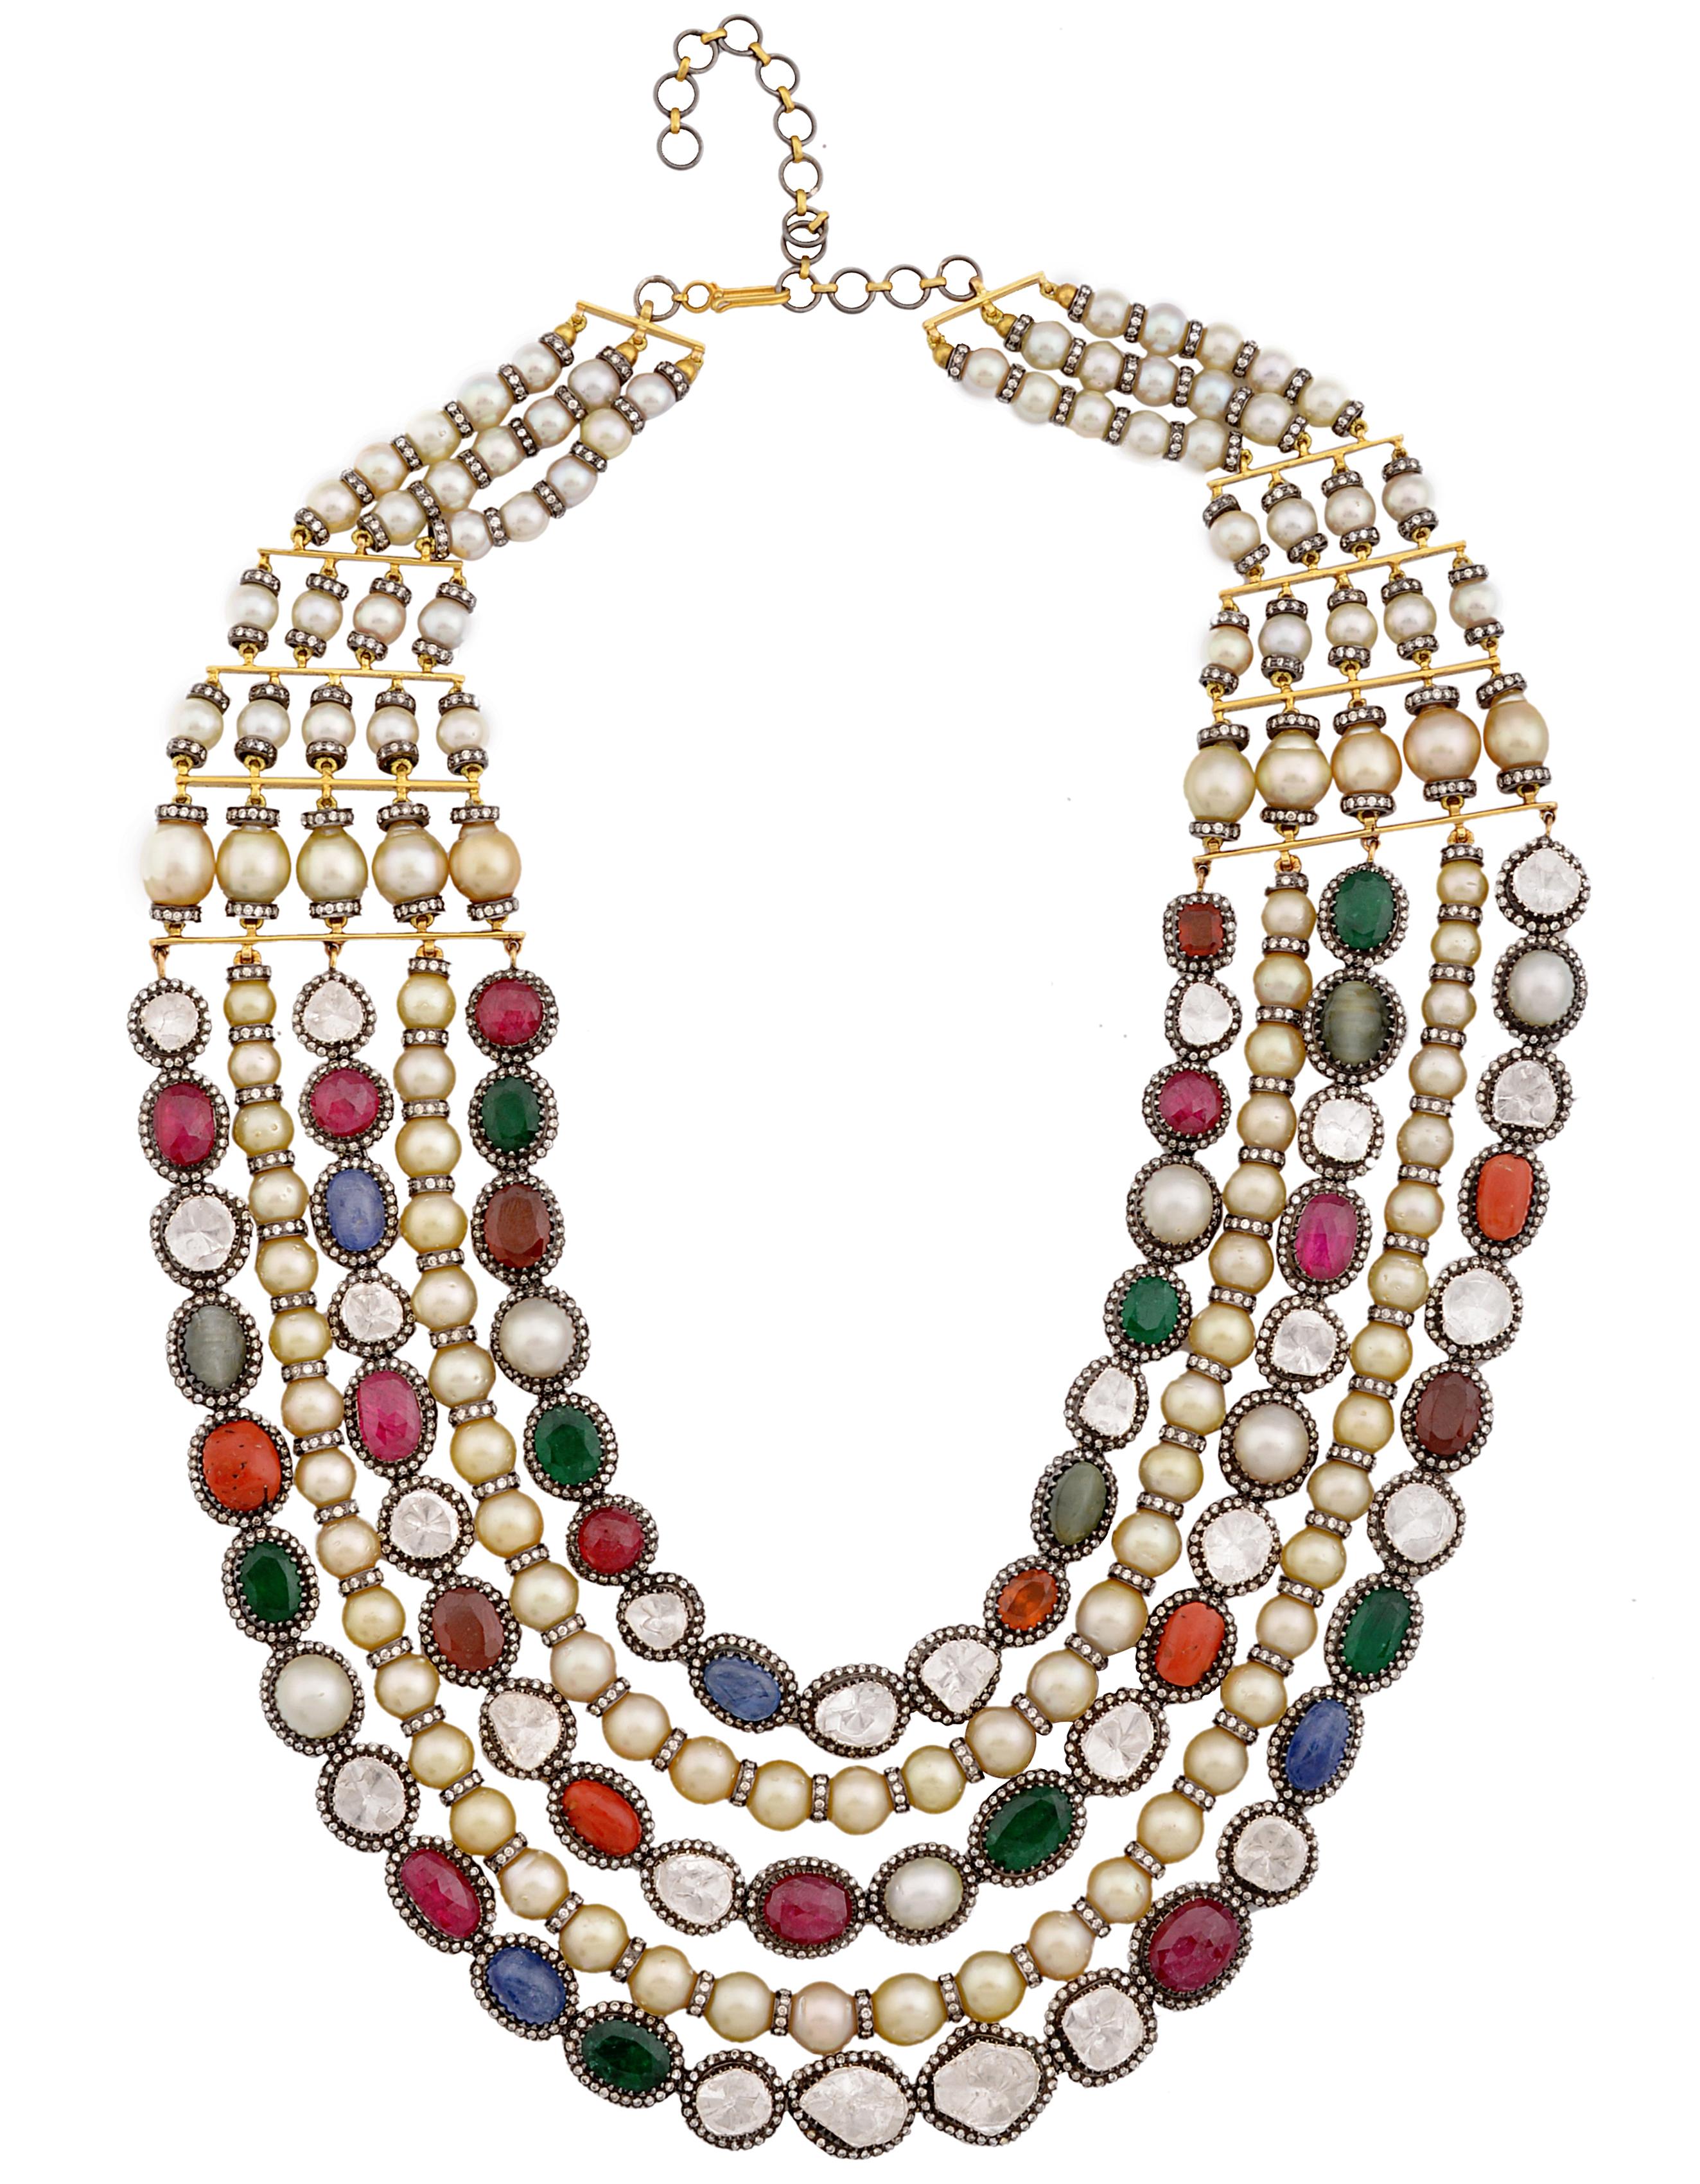 Amrapali Navratna necklace | JCK On Your Market